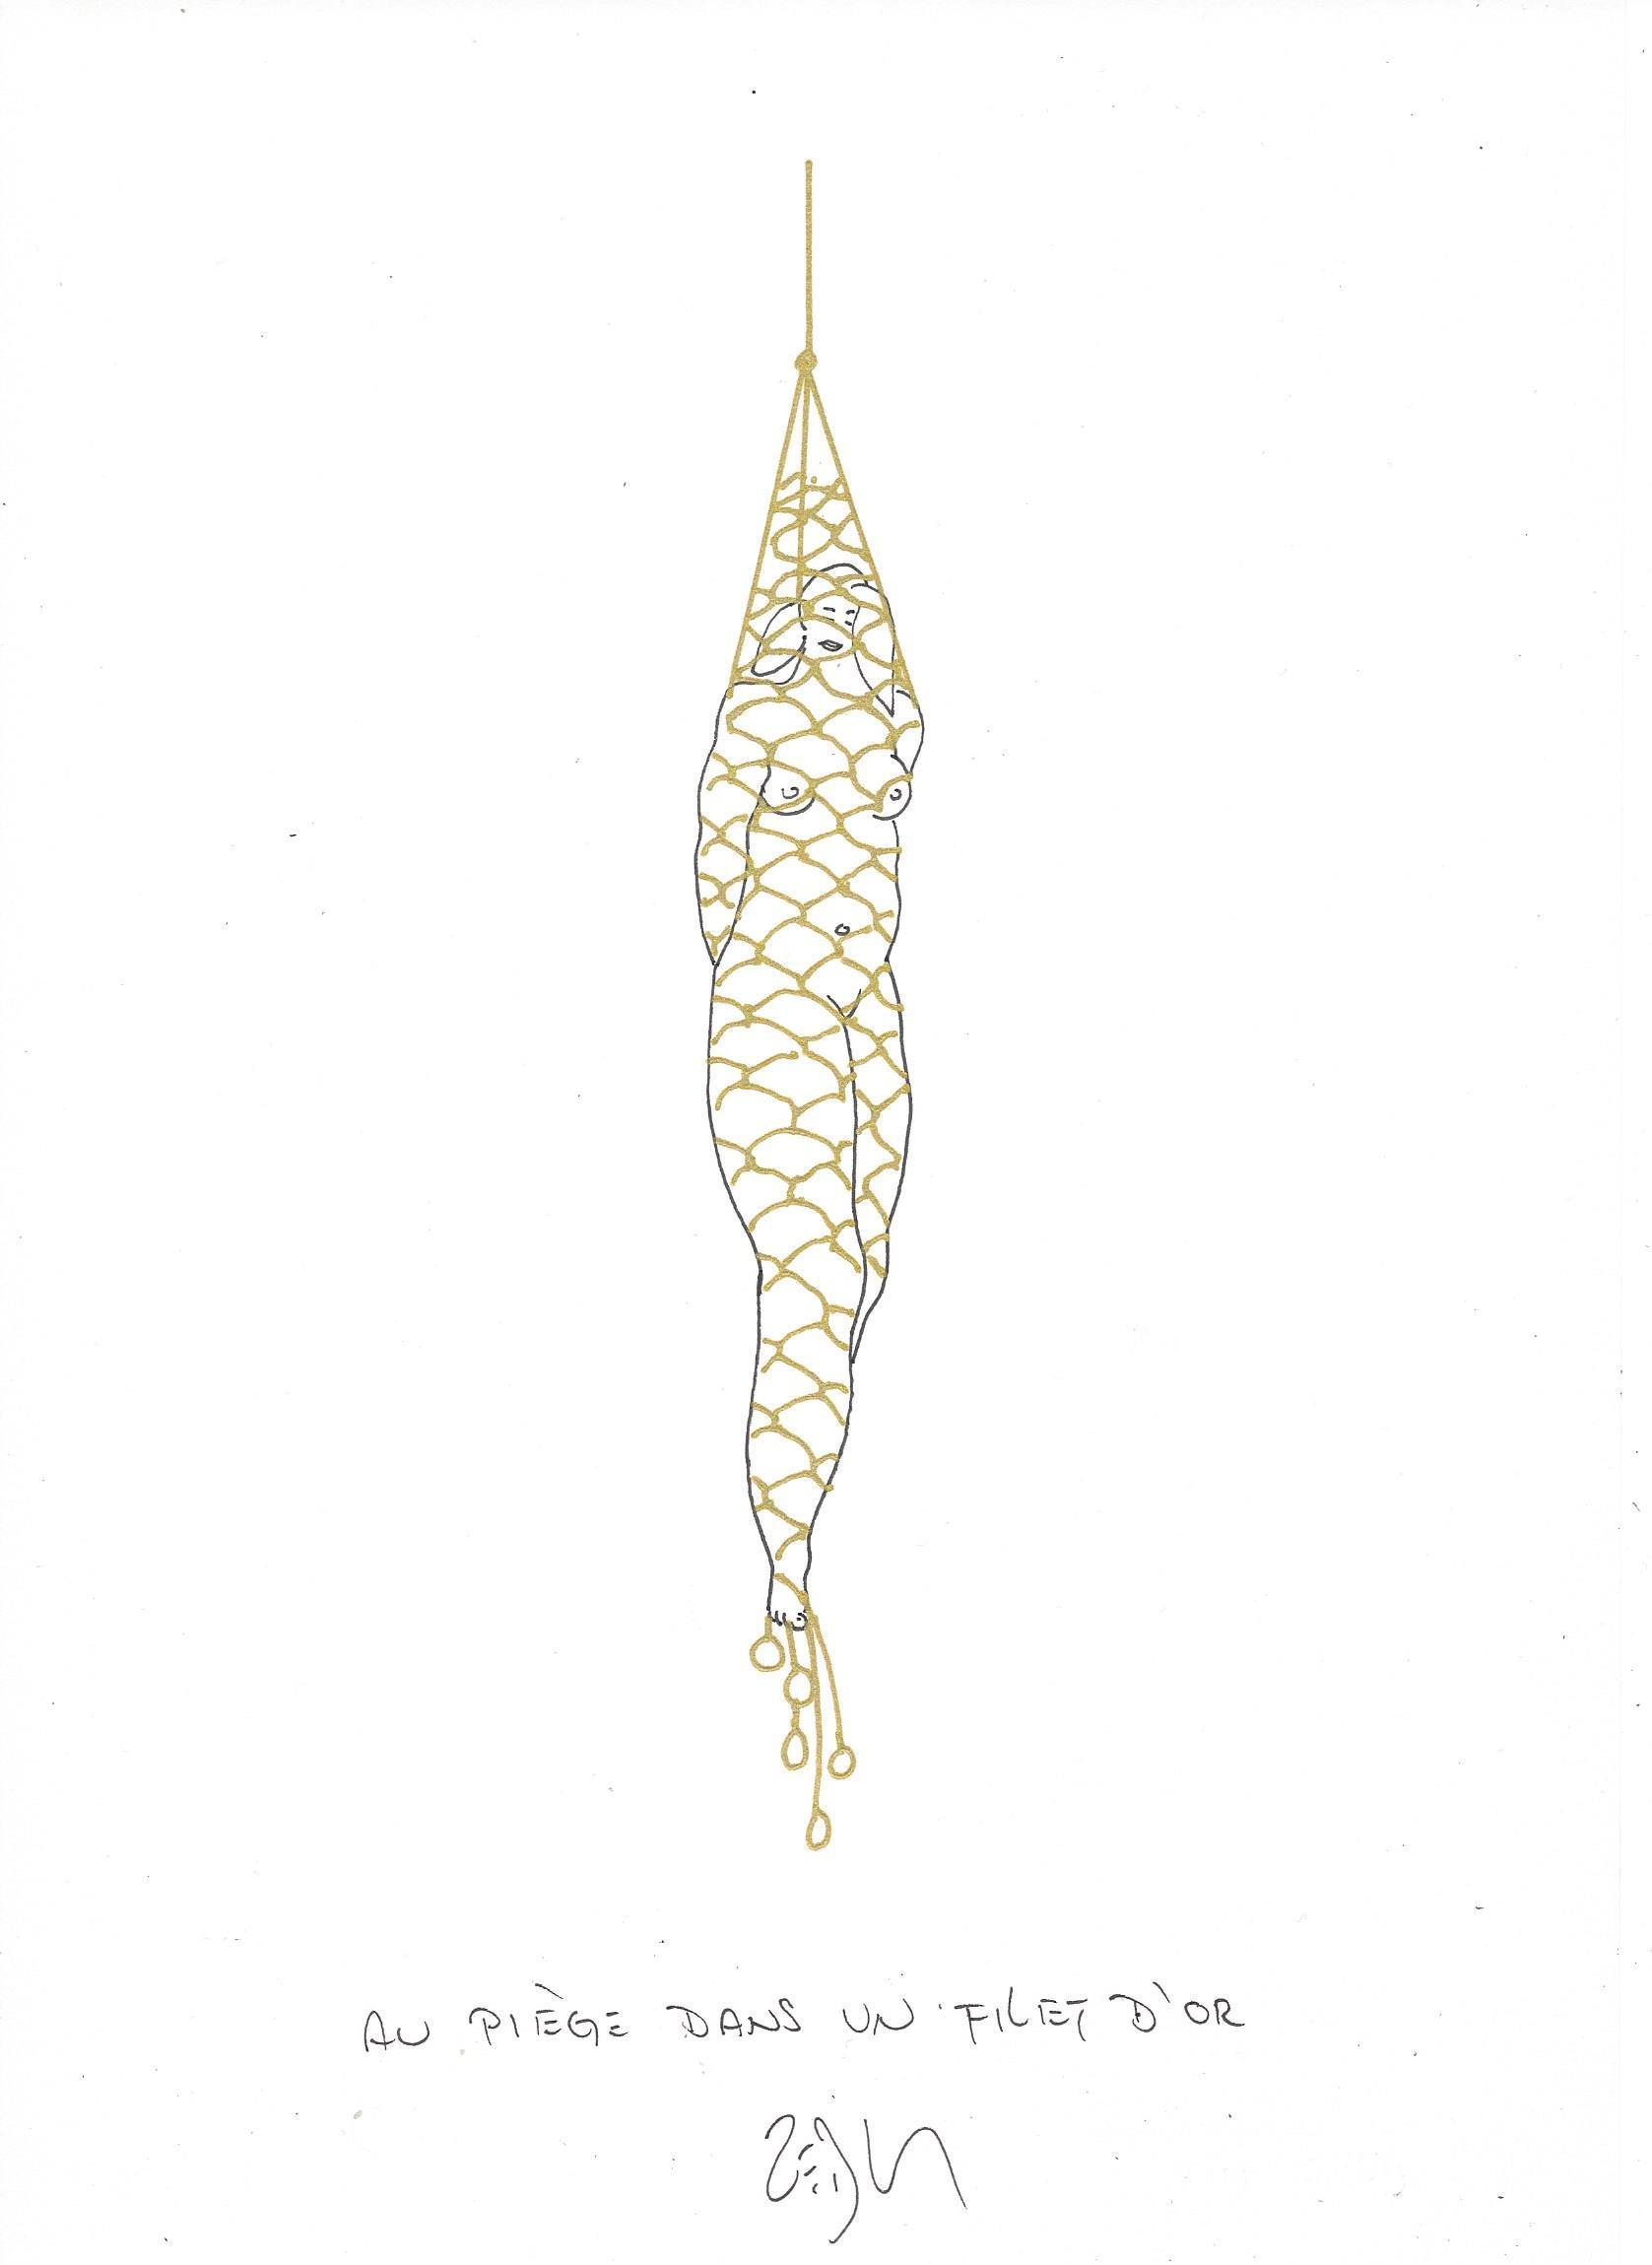 « Caught in a net of gold – Au piège dans un filet d'or »